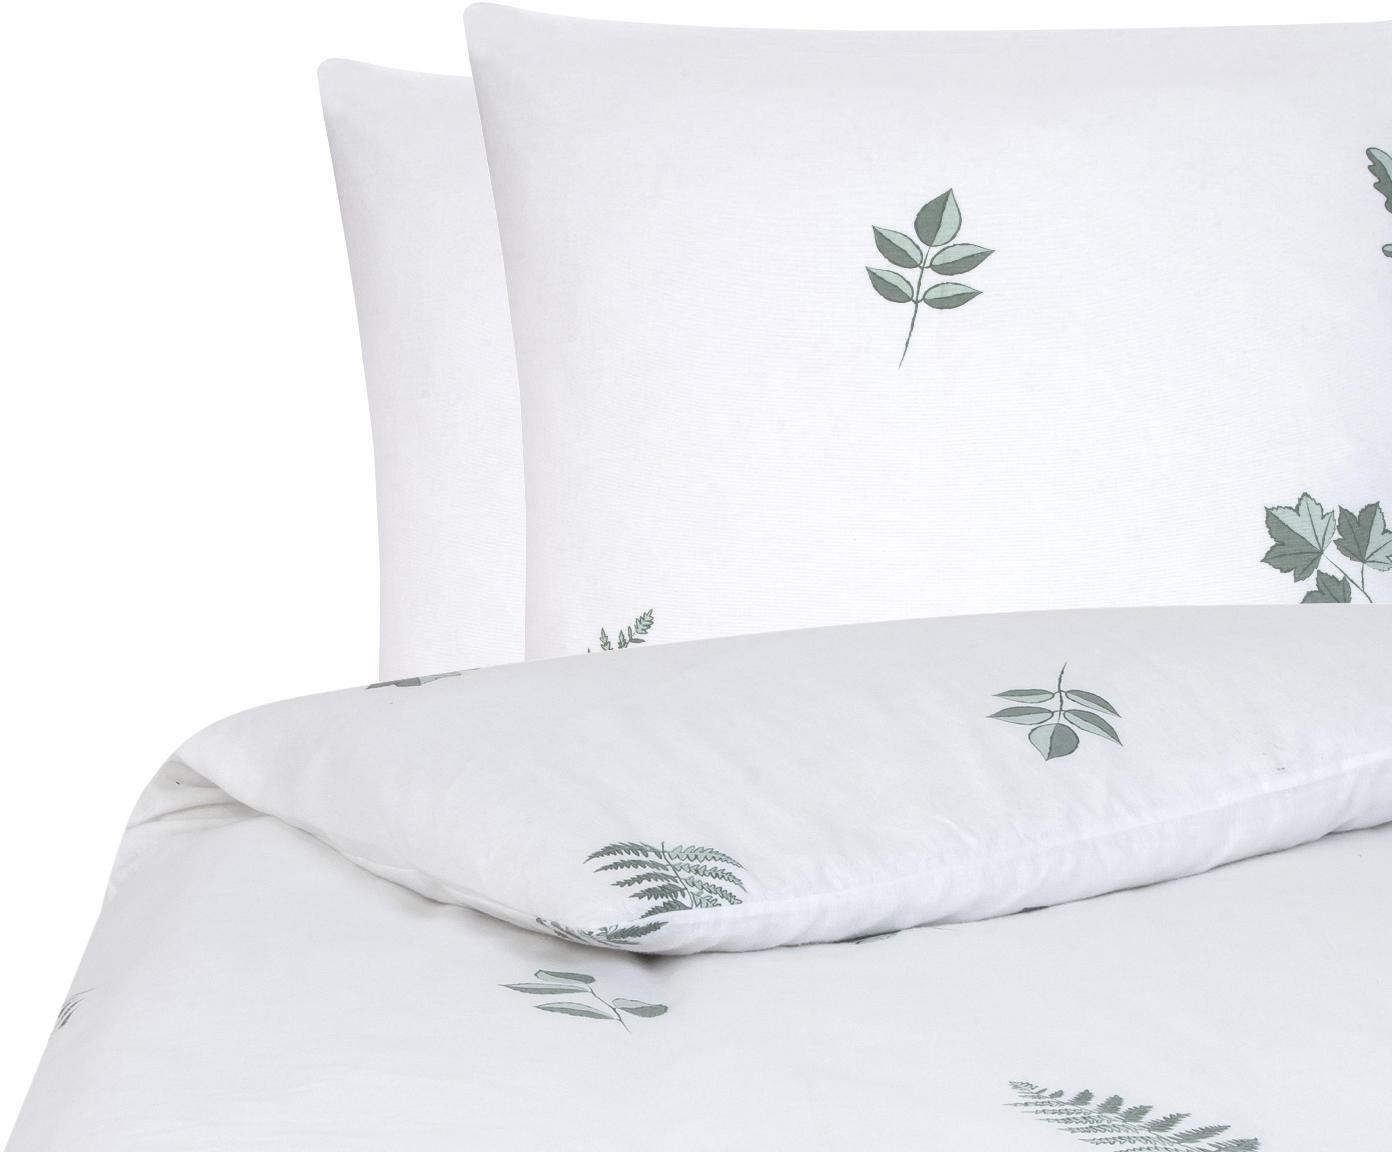 Flanell-Bettwäsche Fraser mit winterlichem Blattmuster, Webart: Flanell Flanell ist ein s, Salbeigrün, Weiß, 240 x 220 cm + 2 Kissen 80 x 80 cm